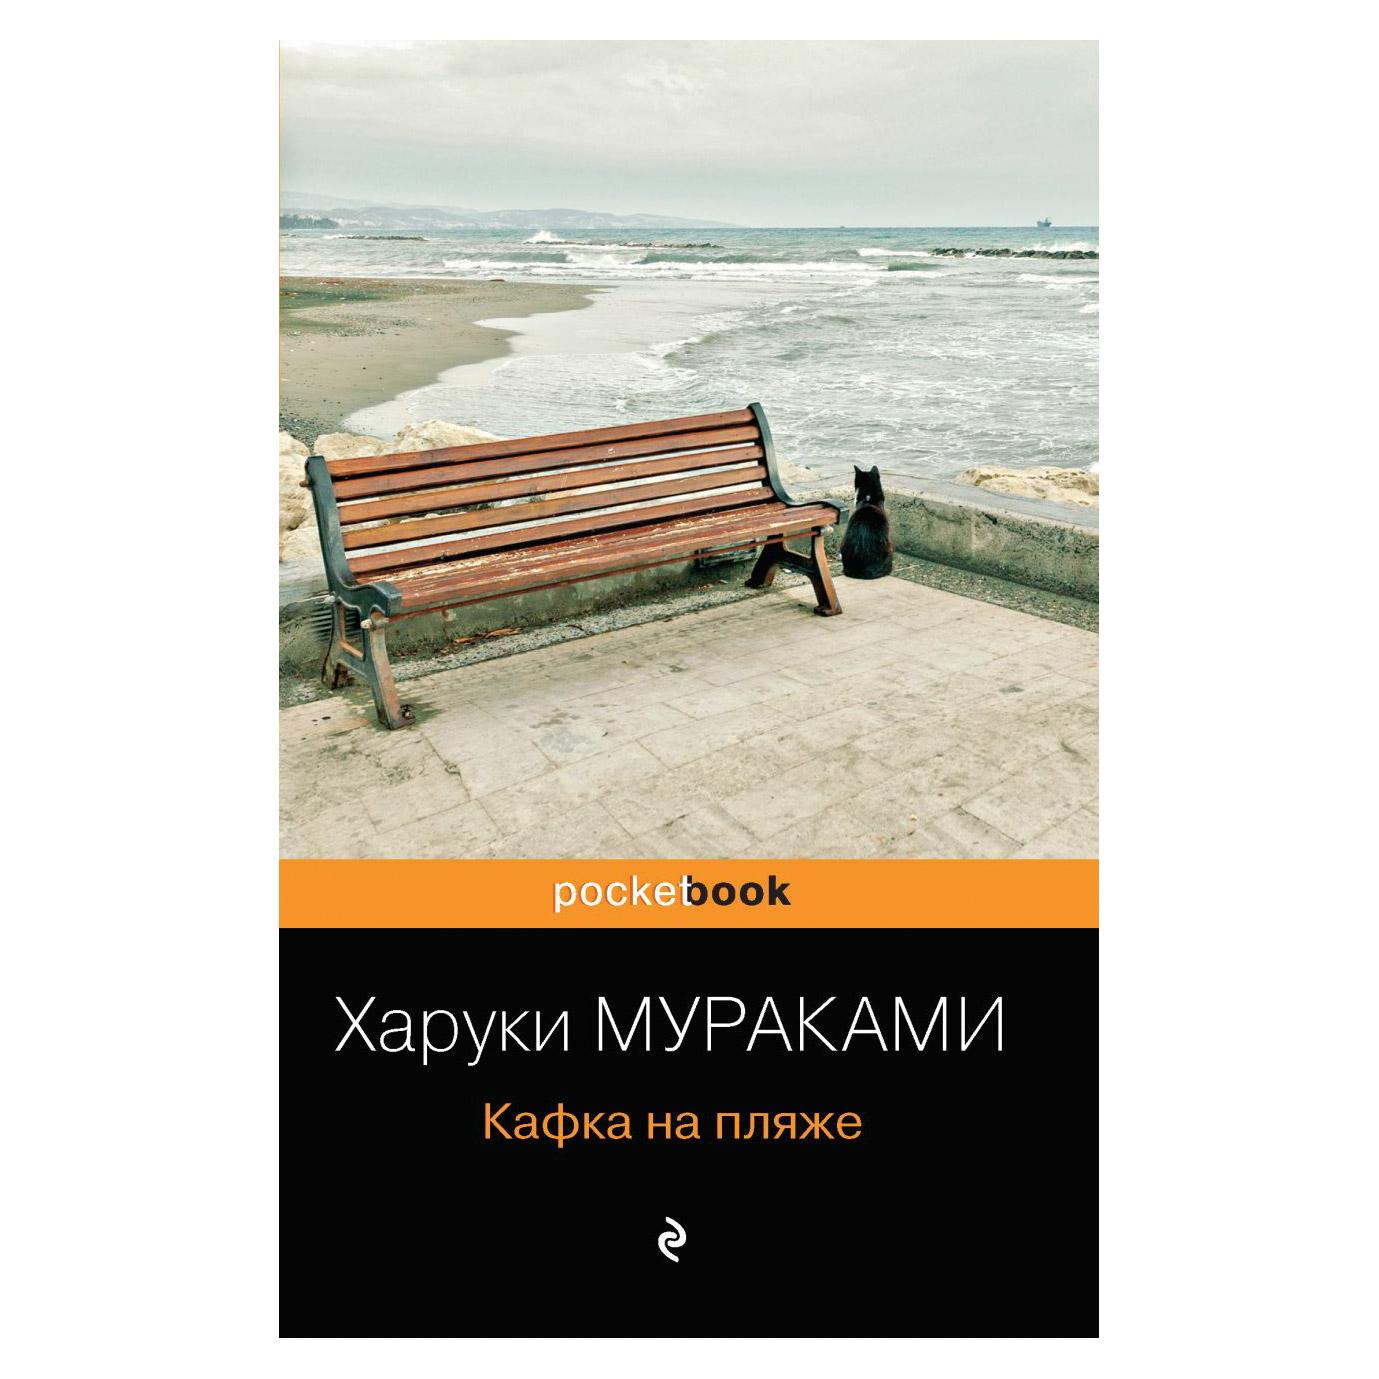 Книга Эксмо Харуки Мураками. Кафка на пляже